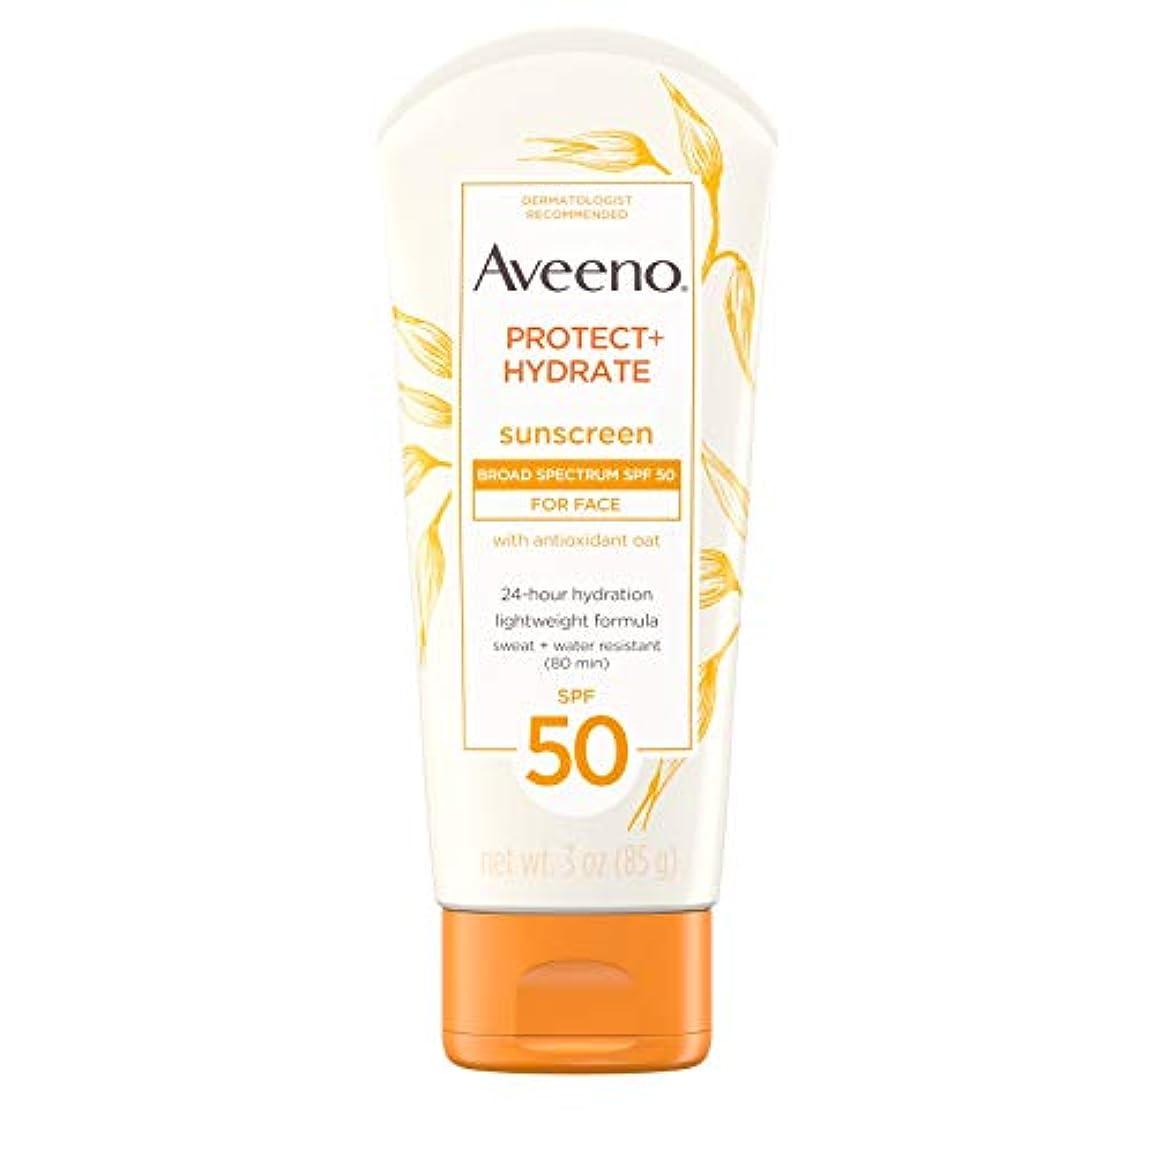 赤字高さ伝統Aveeno アビーノ 日焼け止め ローションSPF-50 protect+hydrate Sunscreen Lotion(平行輸入品) 85g (3Oz)